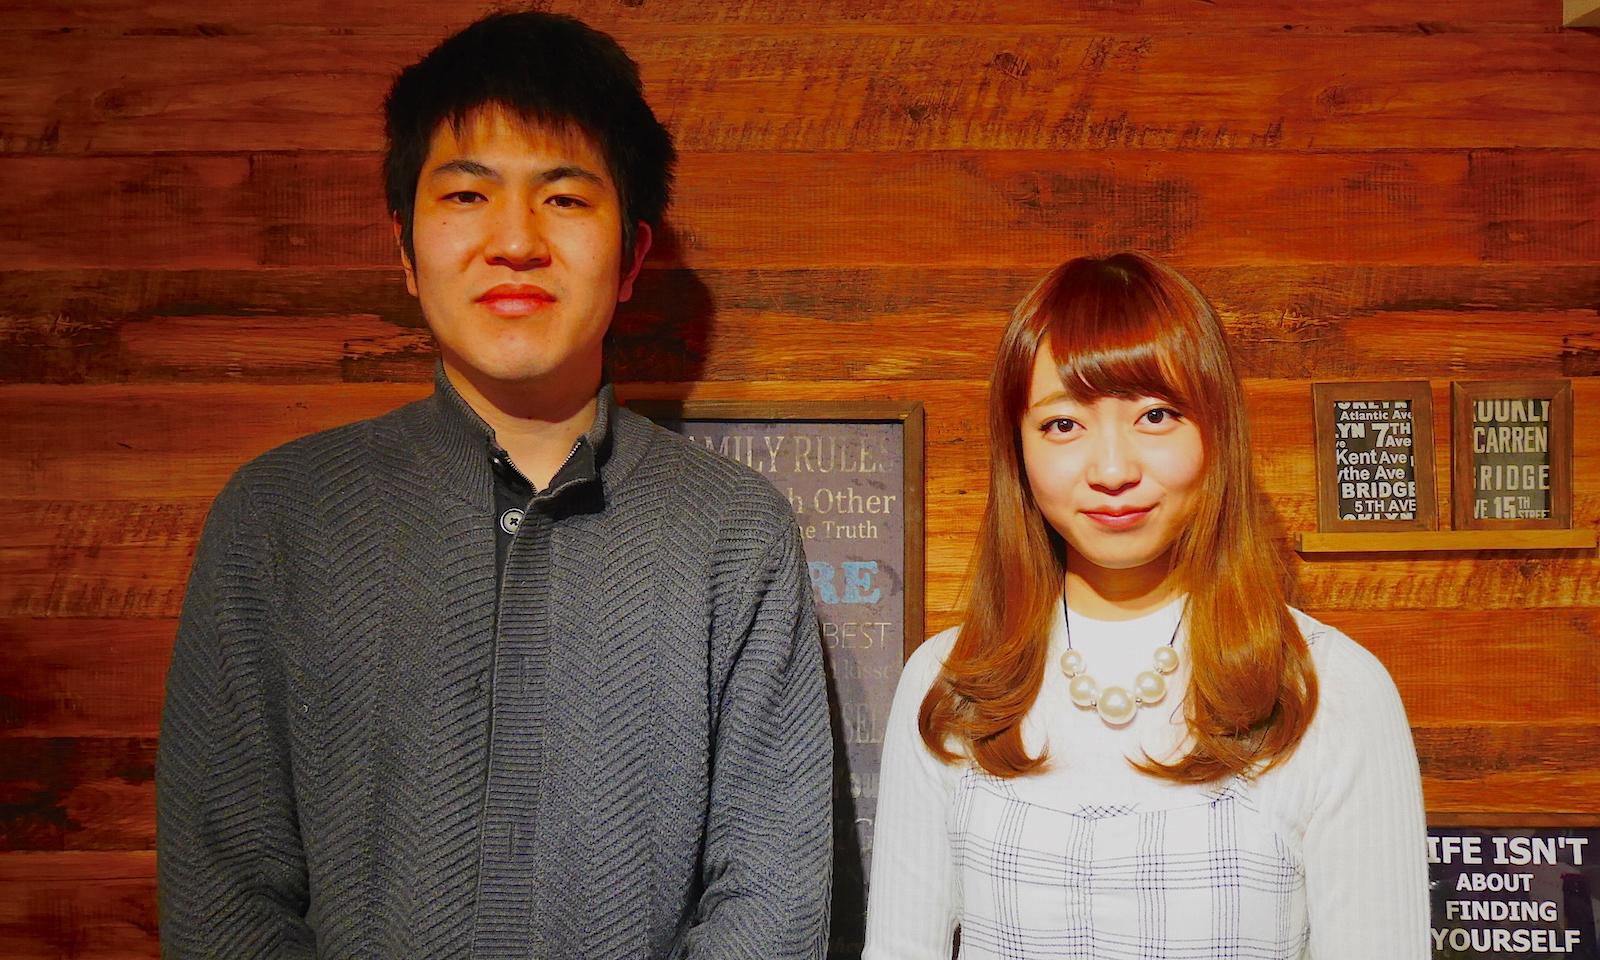 ボードゲームソムリエ松永直樹さん「世界中の良いコンテンツをボードゲームで体験できるように。」